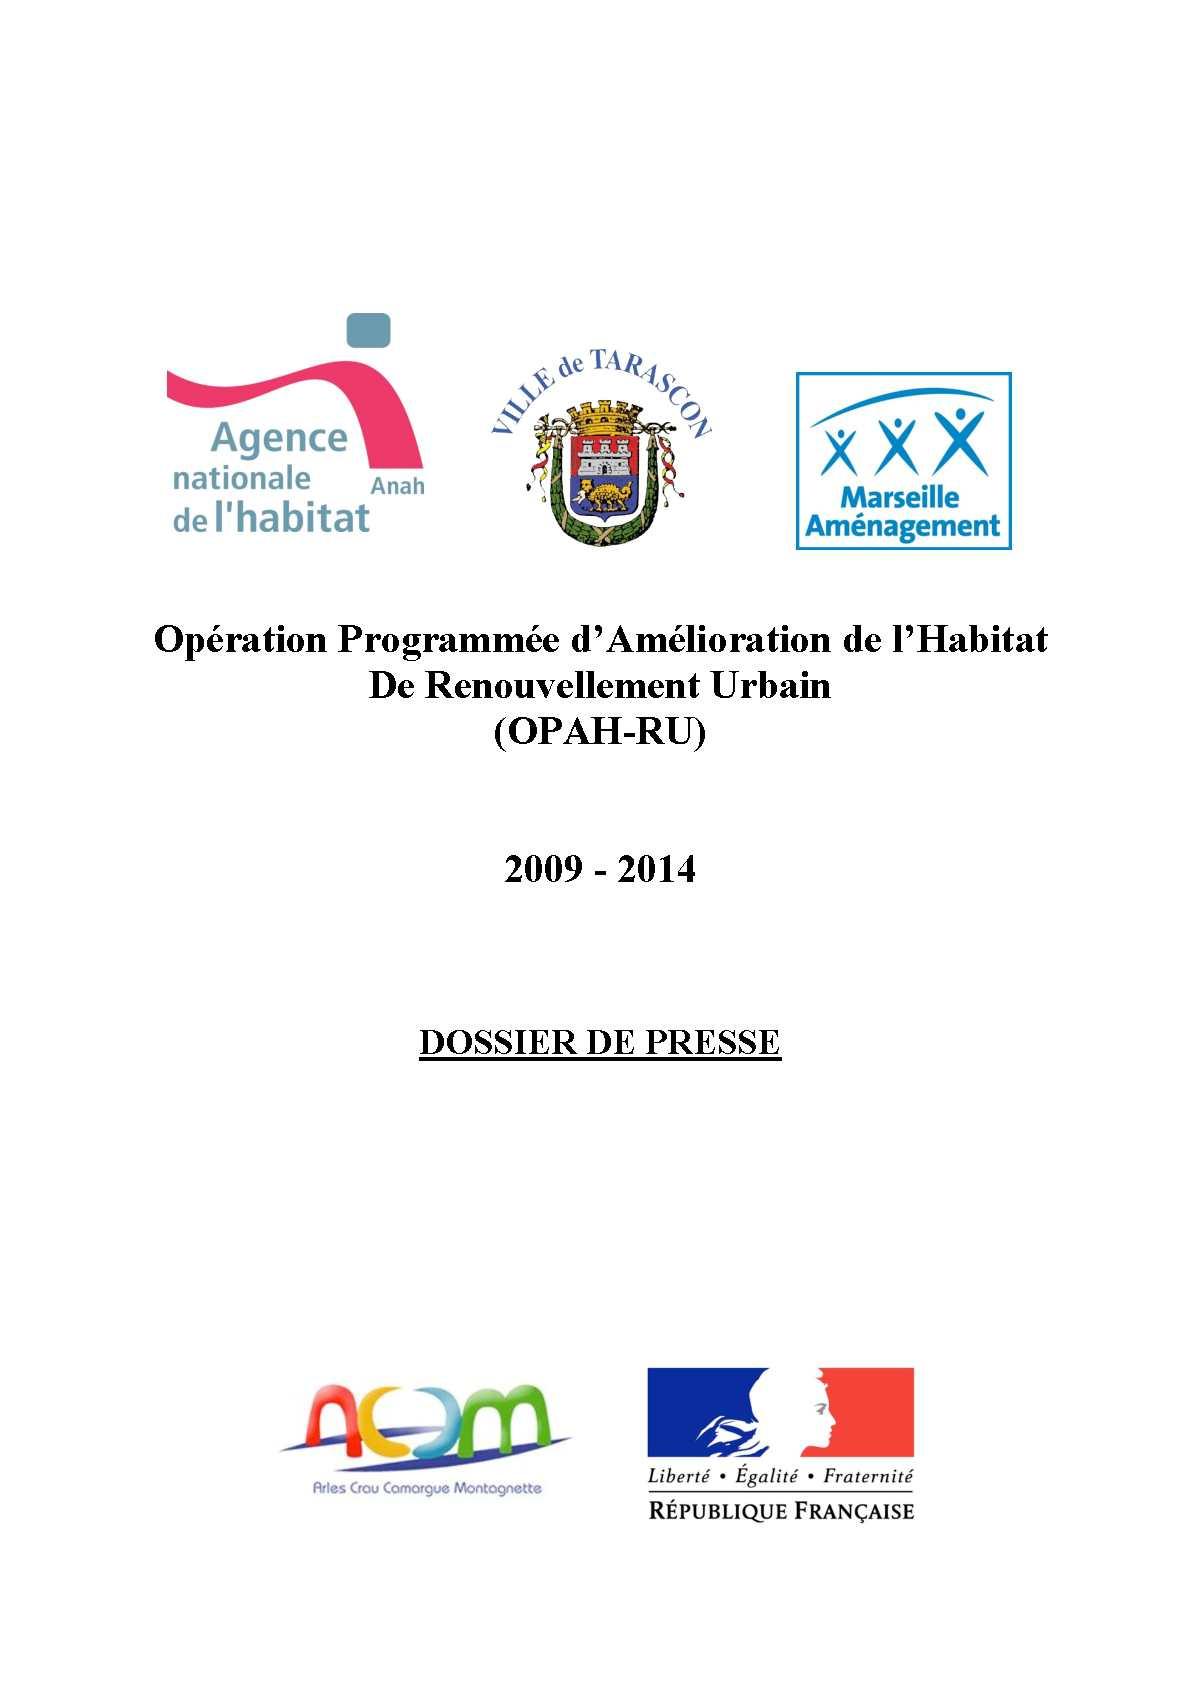 Tarascon en provence - Dossier de Presse : Opération Programmée d'Amélioration de l'Habitat de Renouvellement Urbain